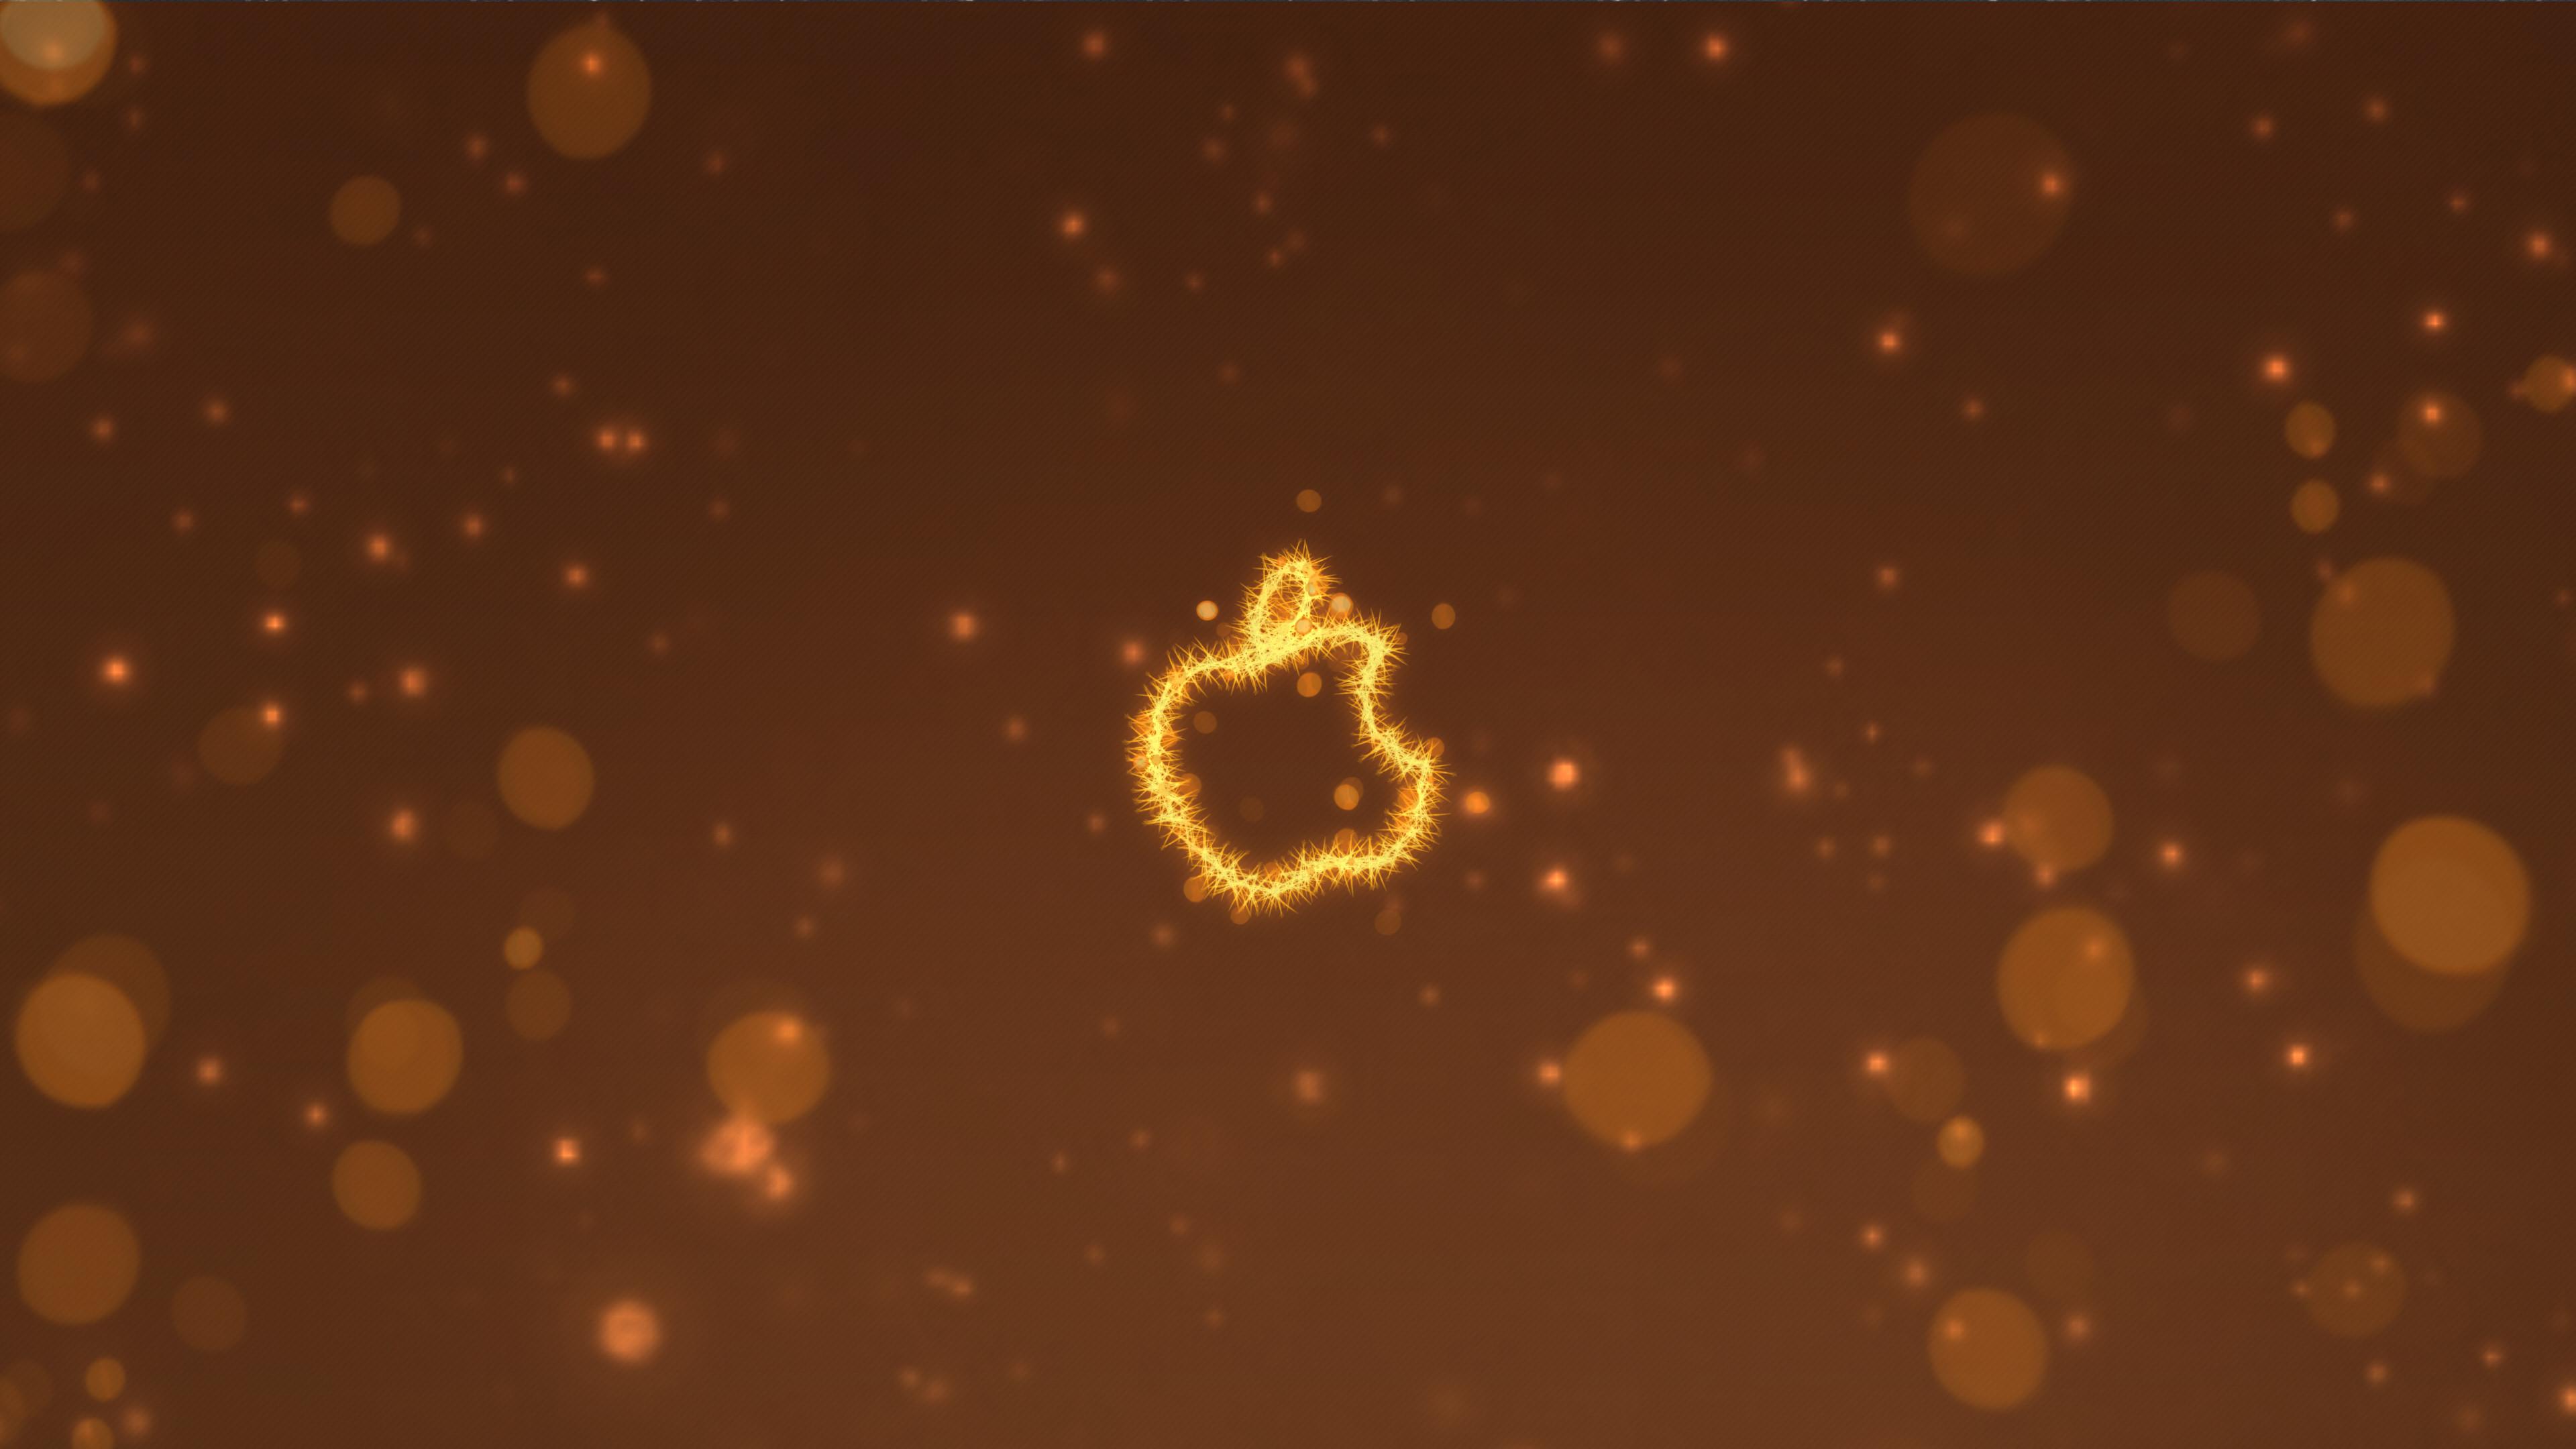 apple logo lighten 4k 8n 3840x2160 1 - Apple Logo Lighten -